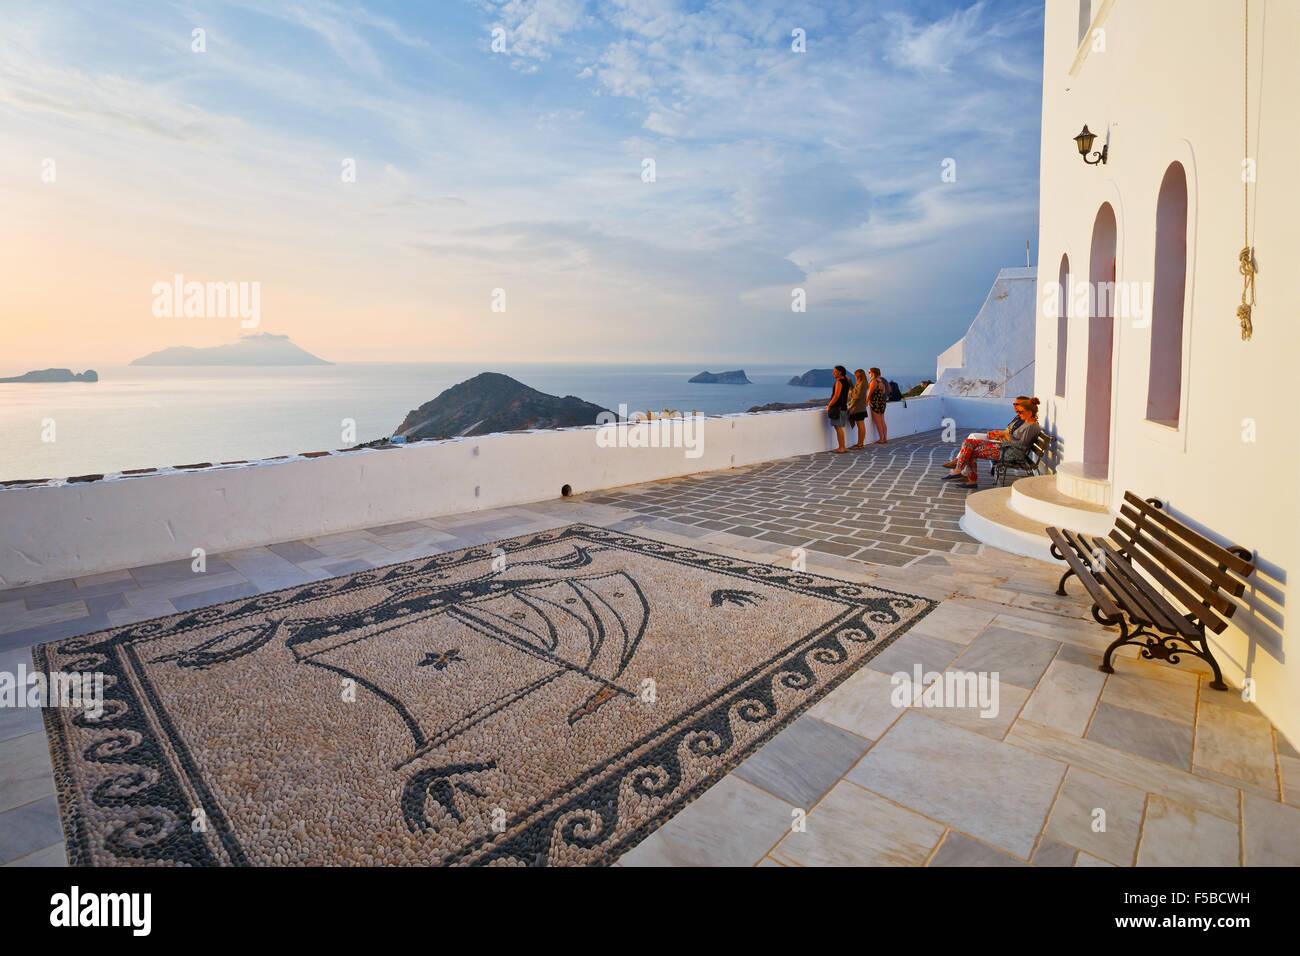 Gente sentada en un banco en el pueblo de Plaka en isla de Milos, Grecia Imagen De Stock